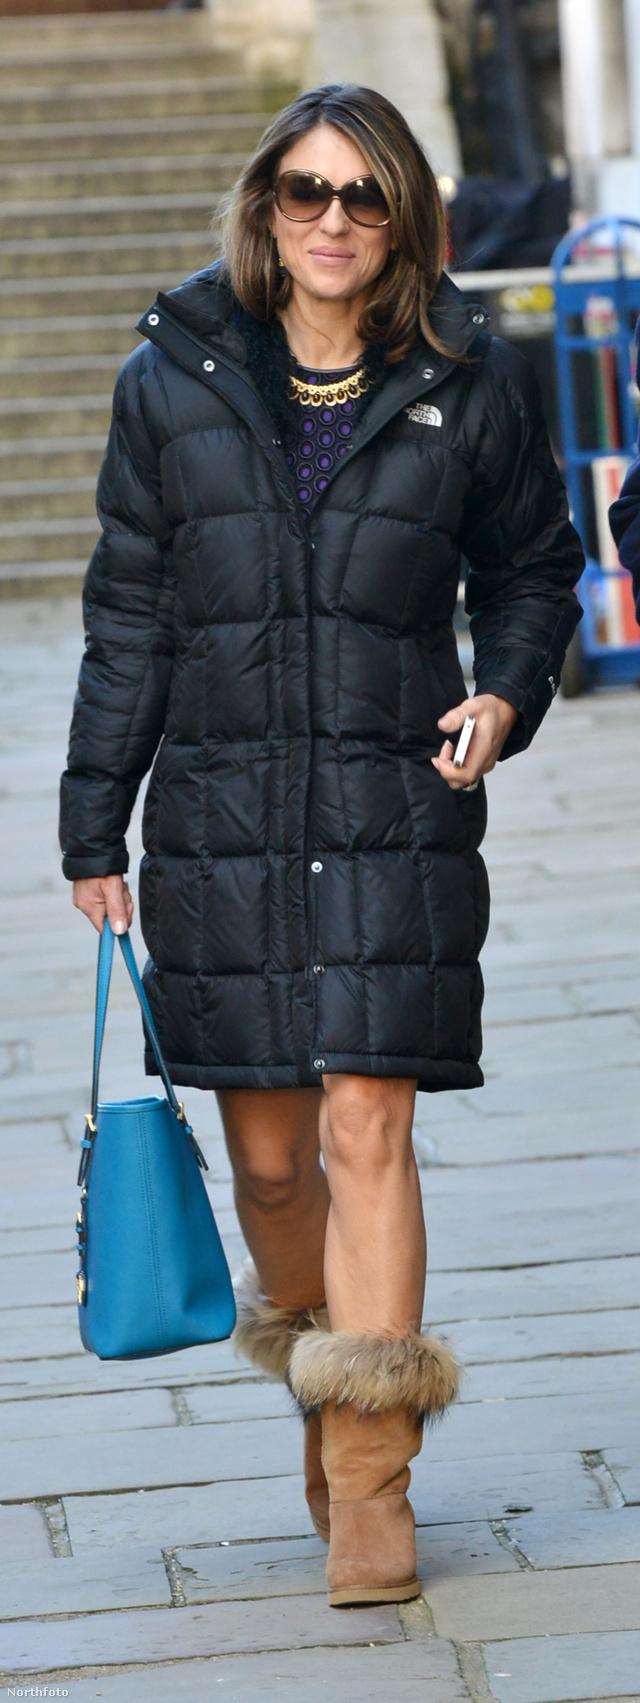 Úgy tűnik, hogy a londoniak még télen sem érzik szükségét a harisnyának. Elizabeth Hurley is beérte egy meleg kabáttal és egy szőrmés csizmával.